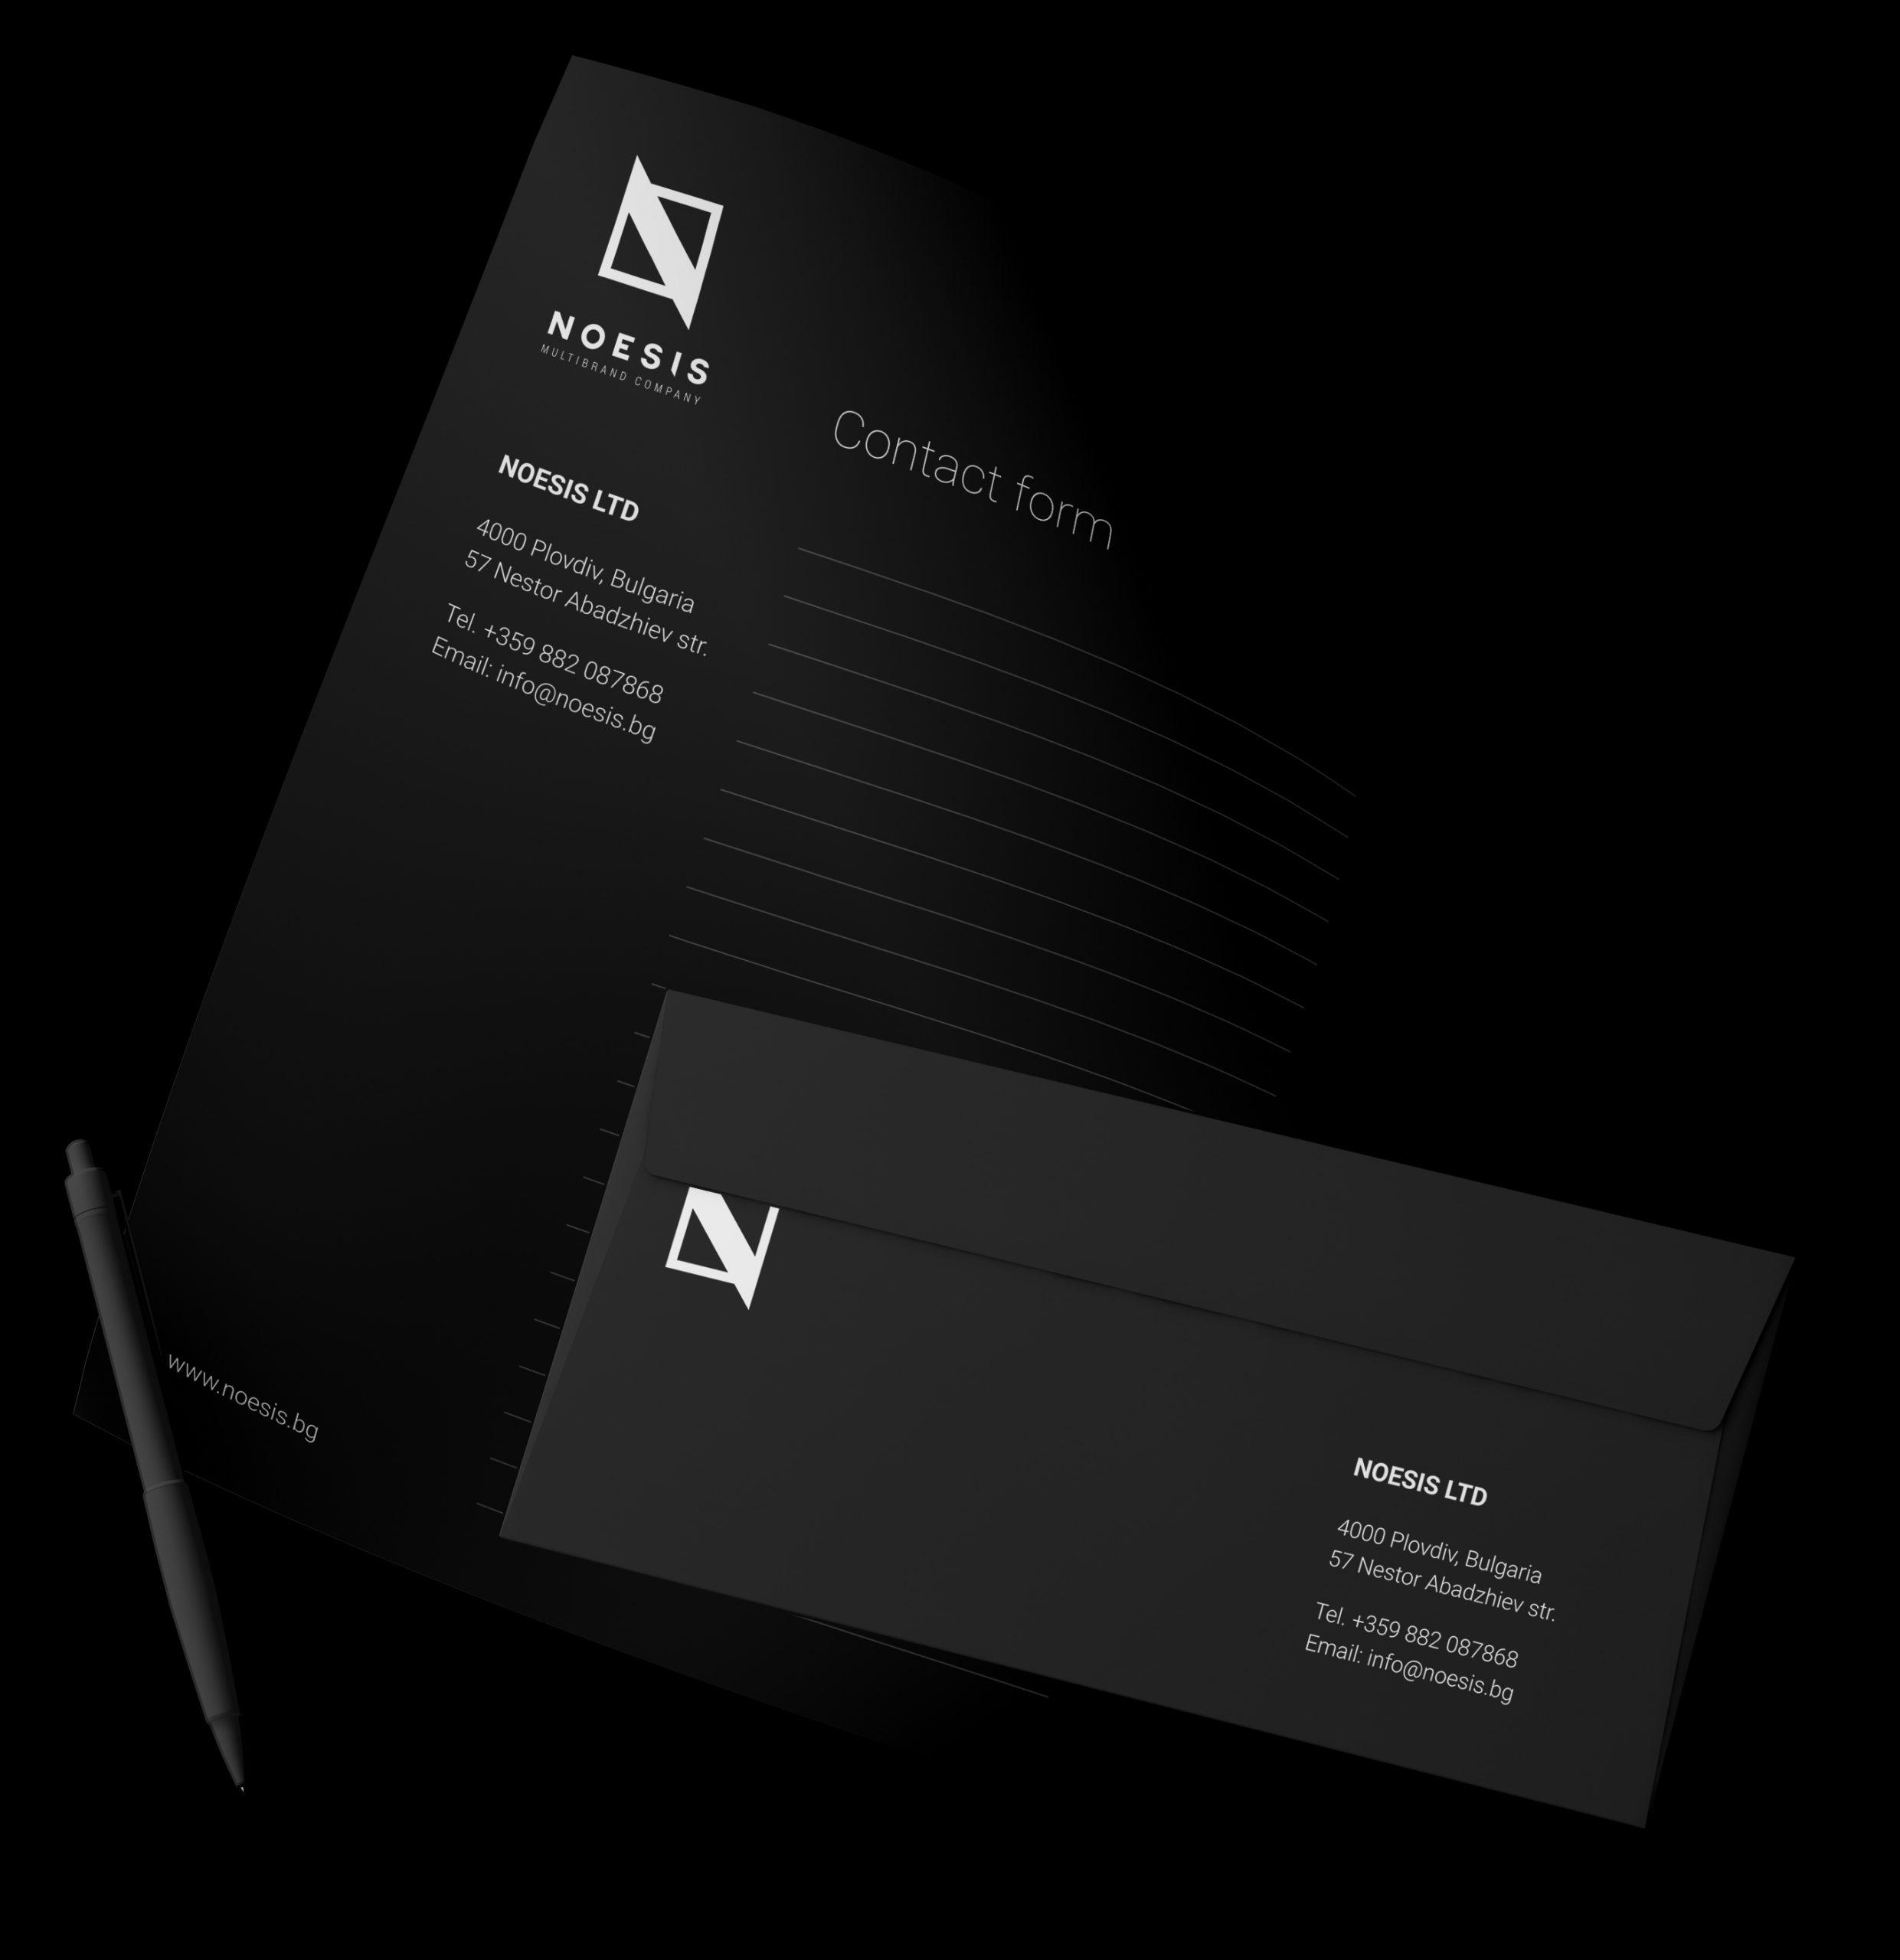 NOESIS - Contact Details